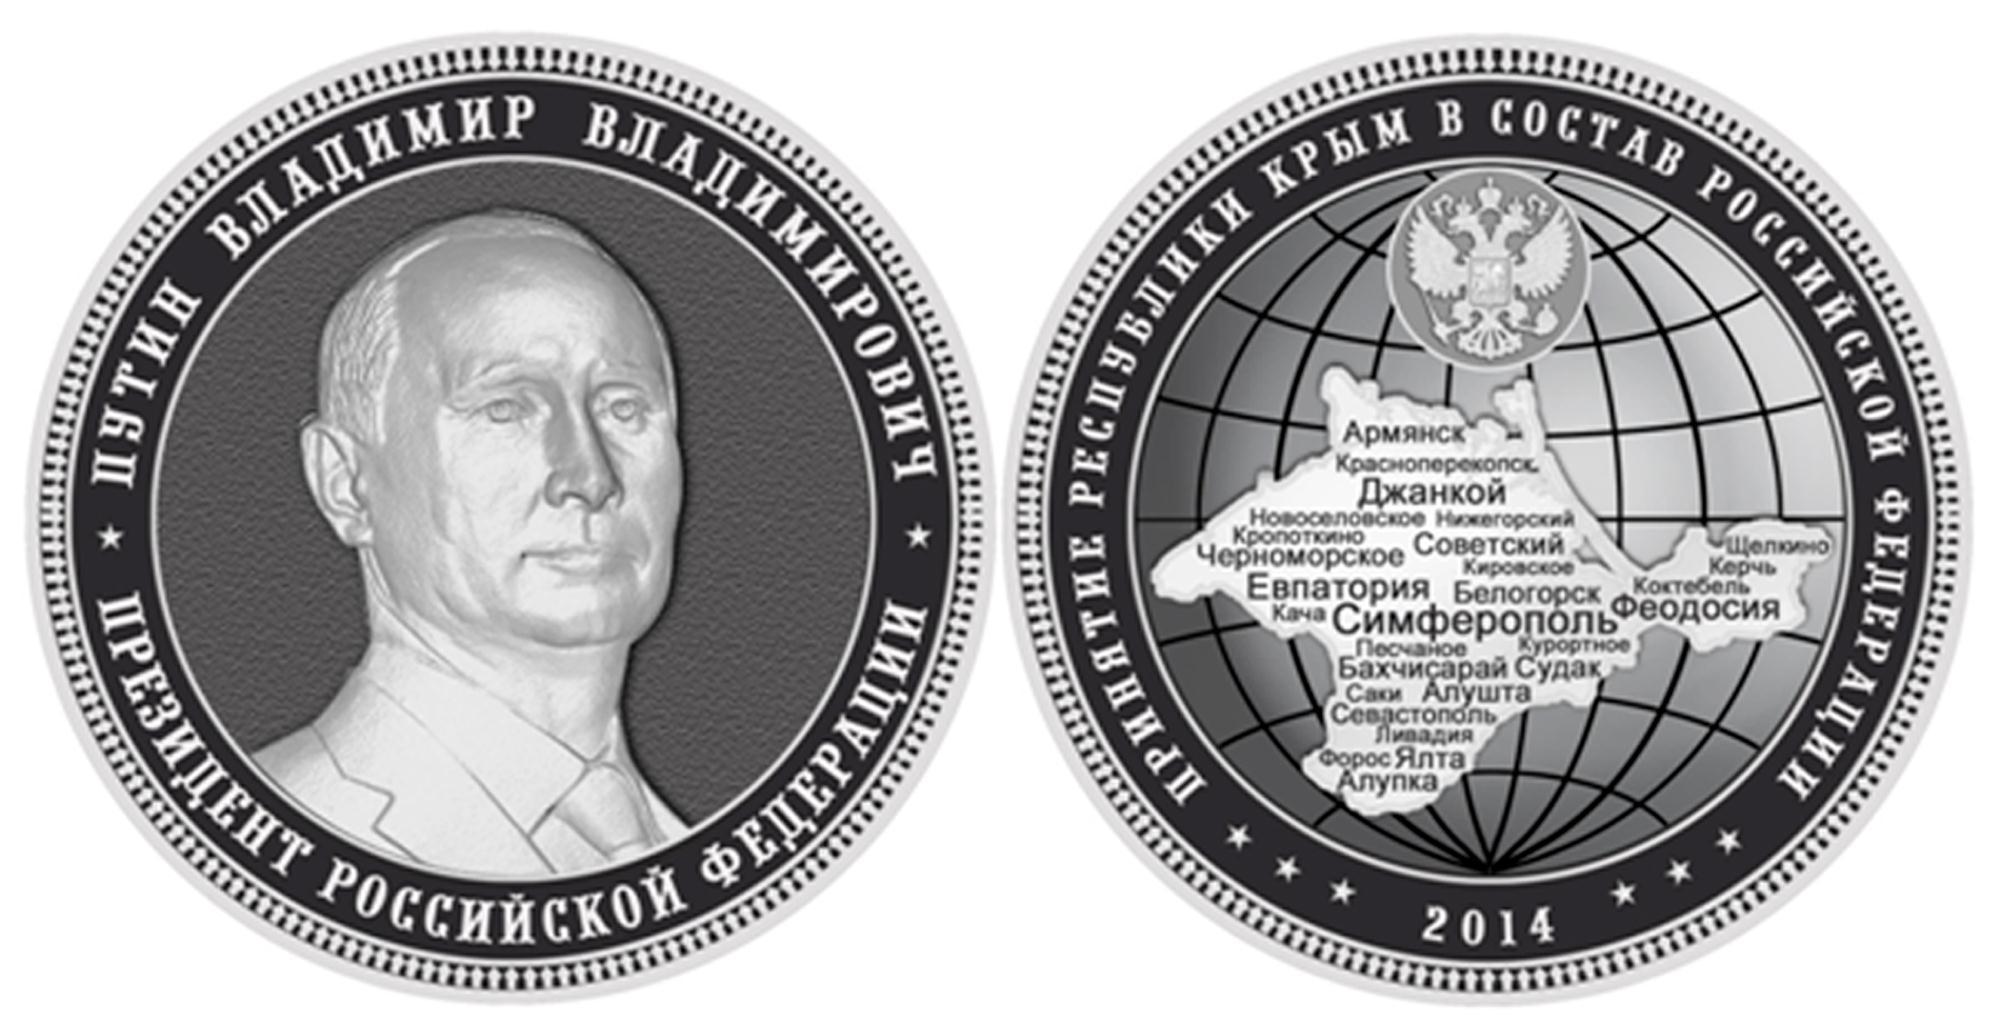 Image: souvenir collection of coins